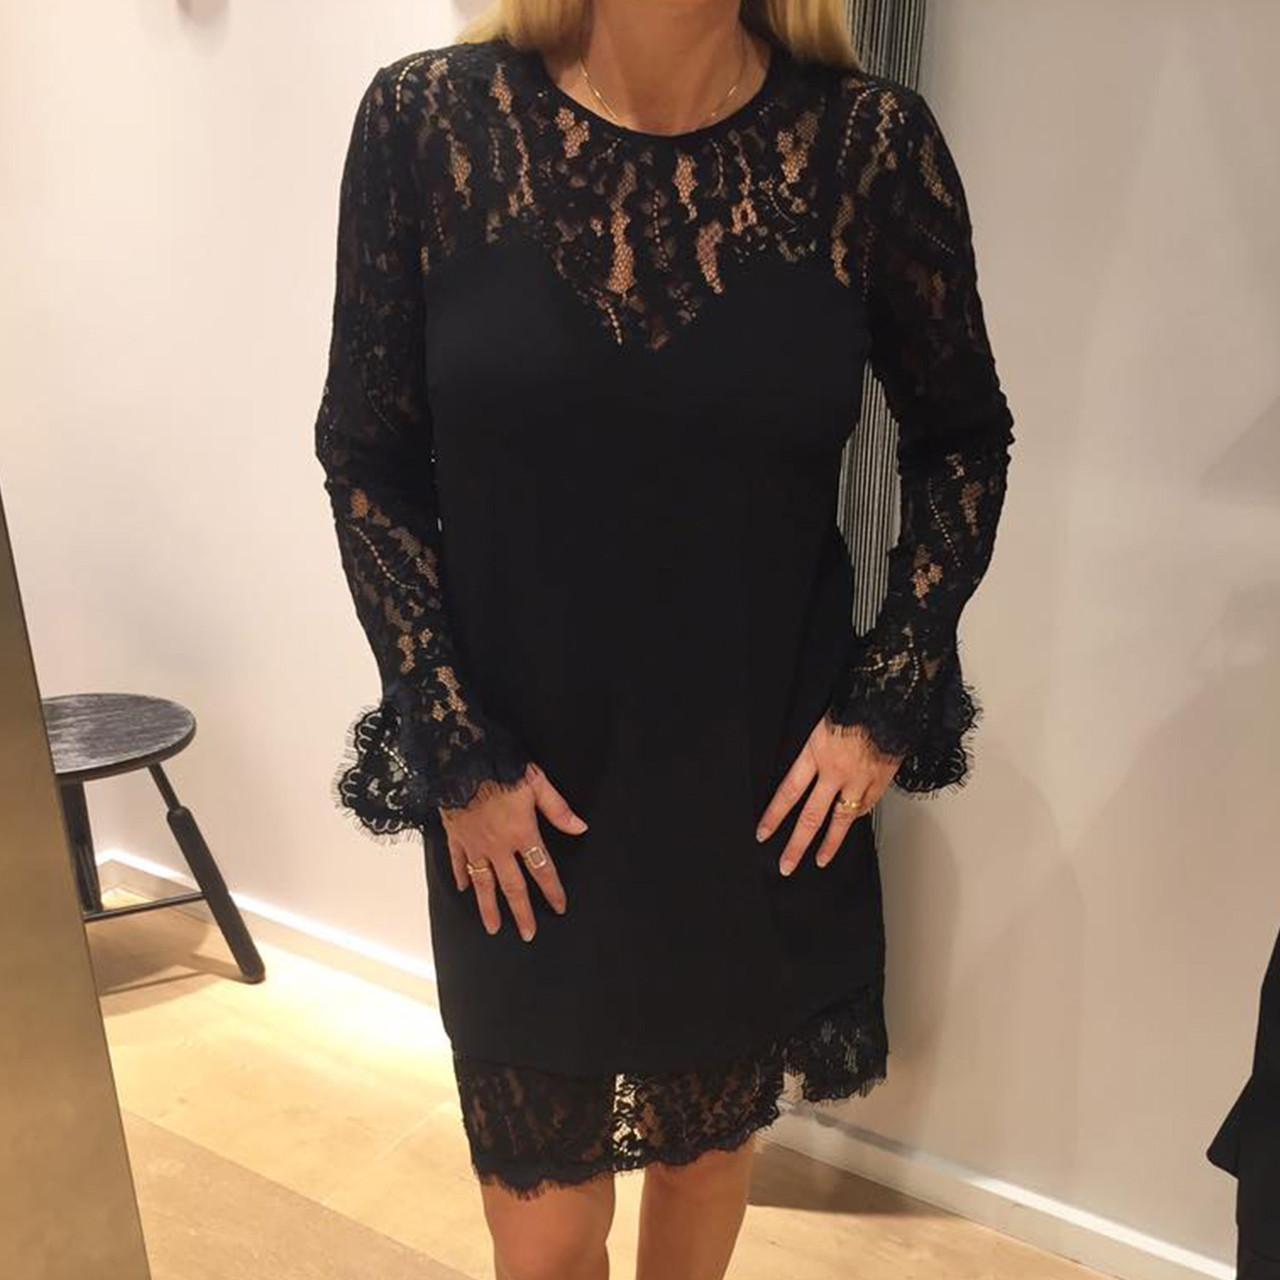 Lace Noir Kjole Med Blonder Køb I Sort Online Fra Neo Kira aWYn7qwd7